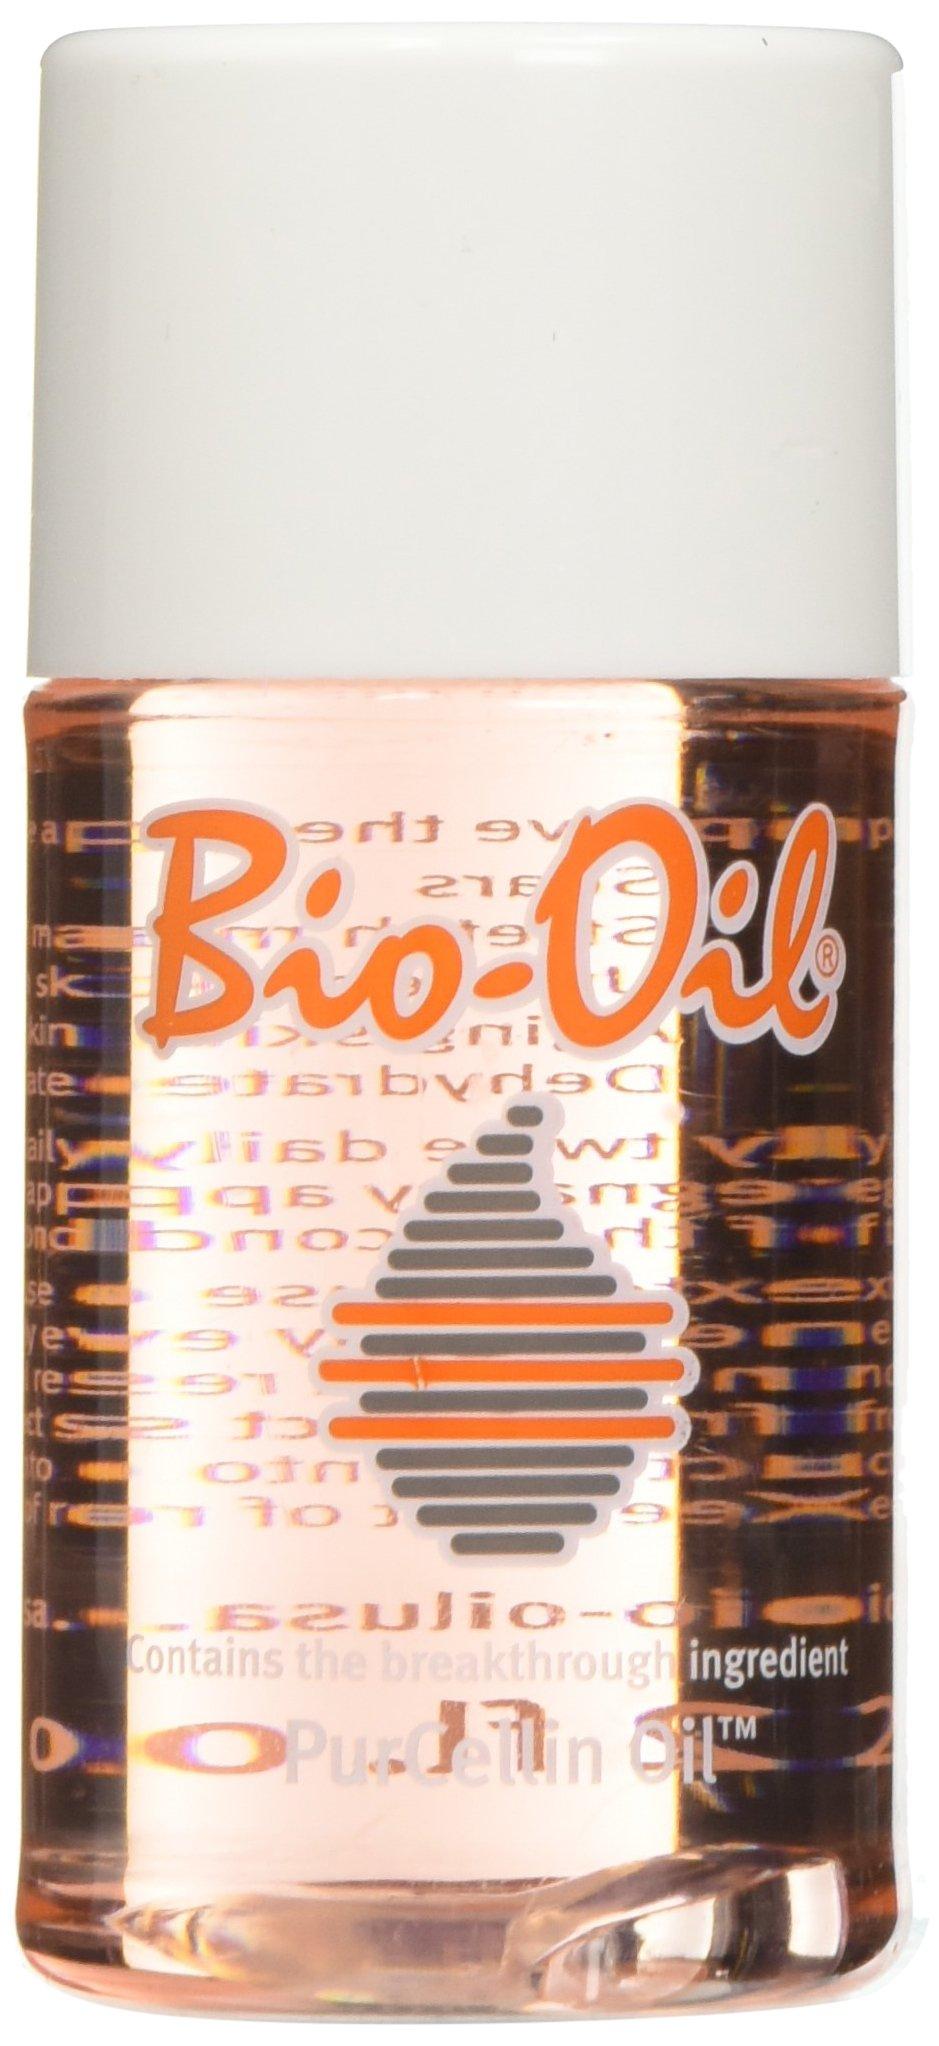 Bio Purcellin Facial Oil, 2 Ounce